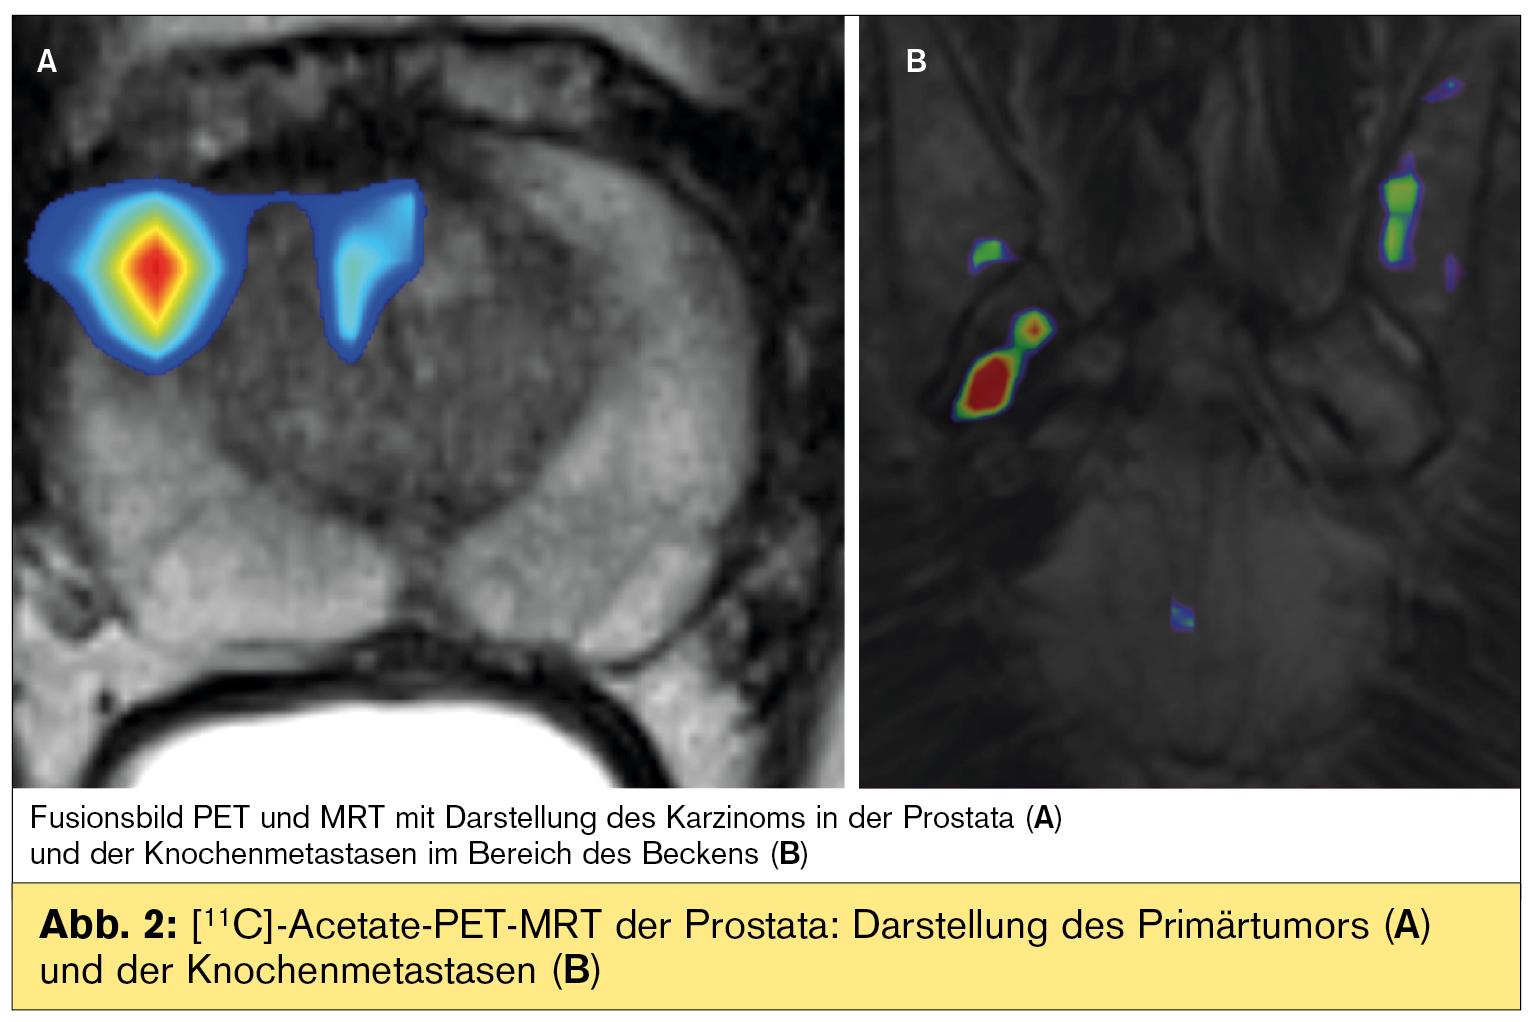 prostatakrebs mit knochenmetastasen heilung